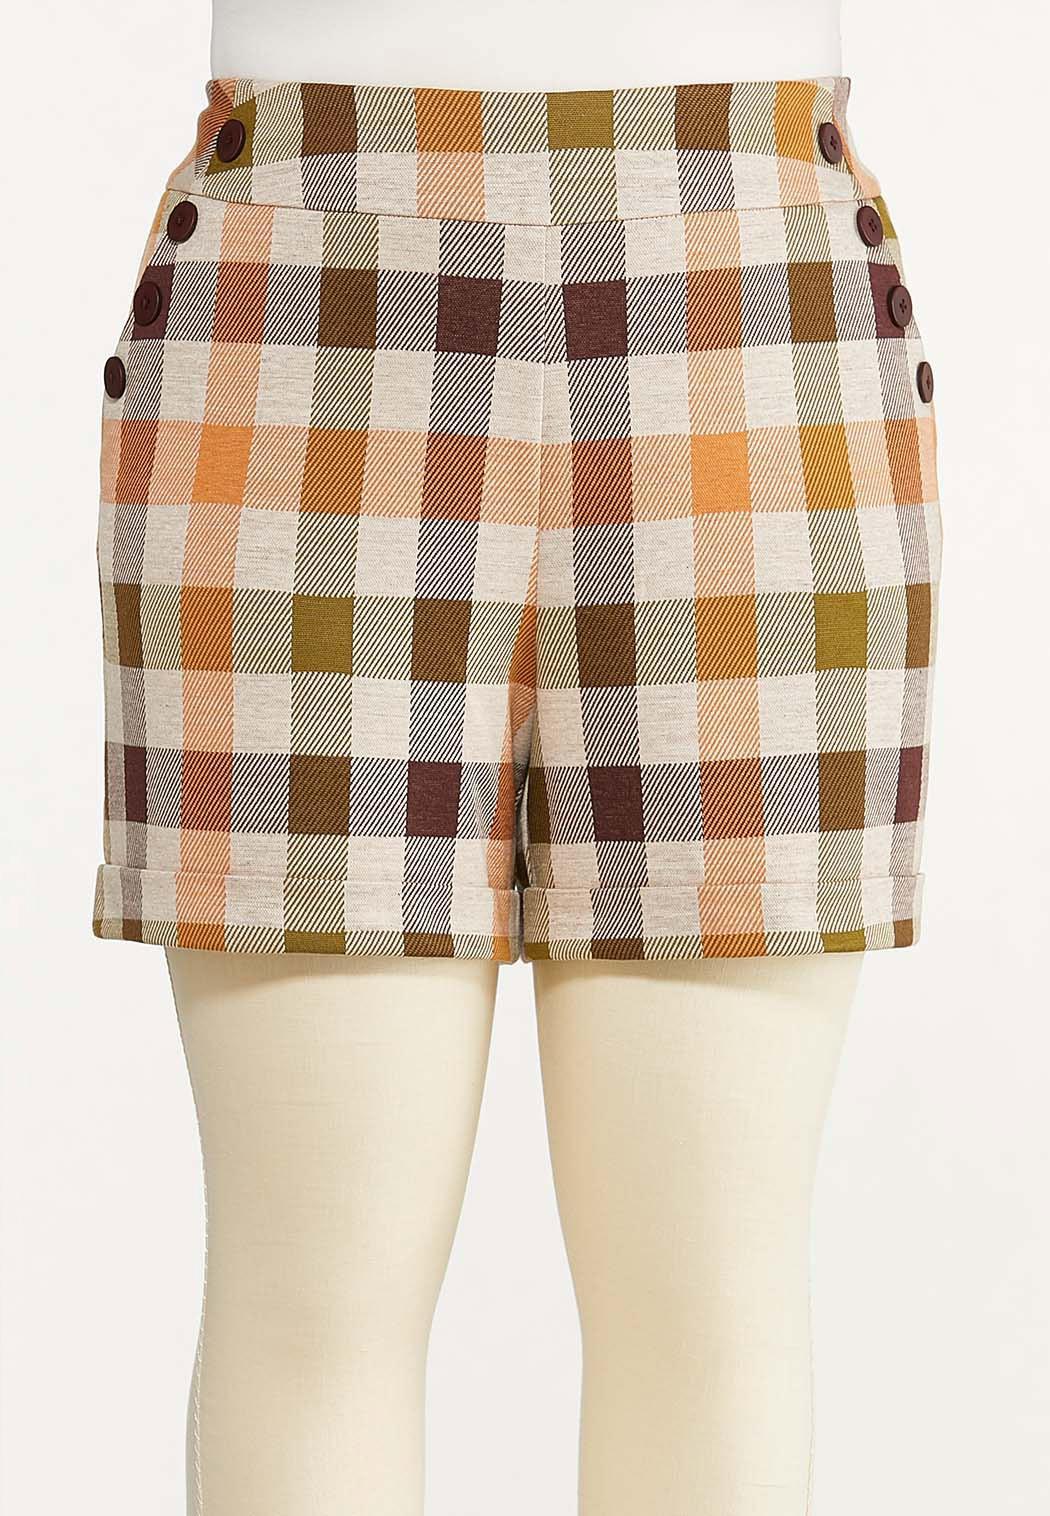 Plus Size Harvest Plaid Shorts